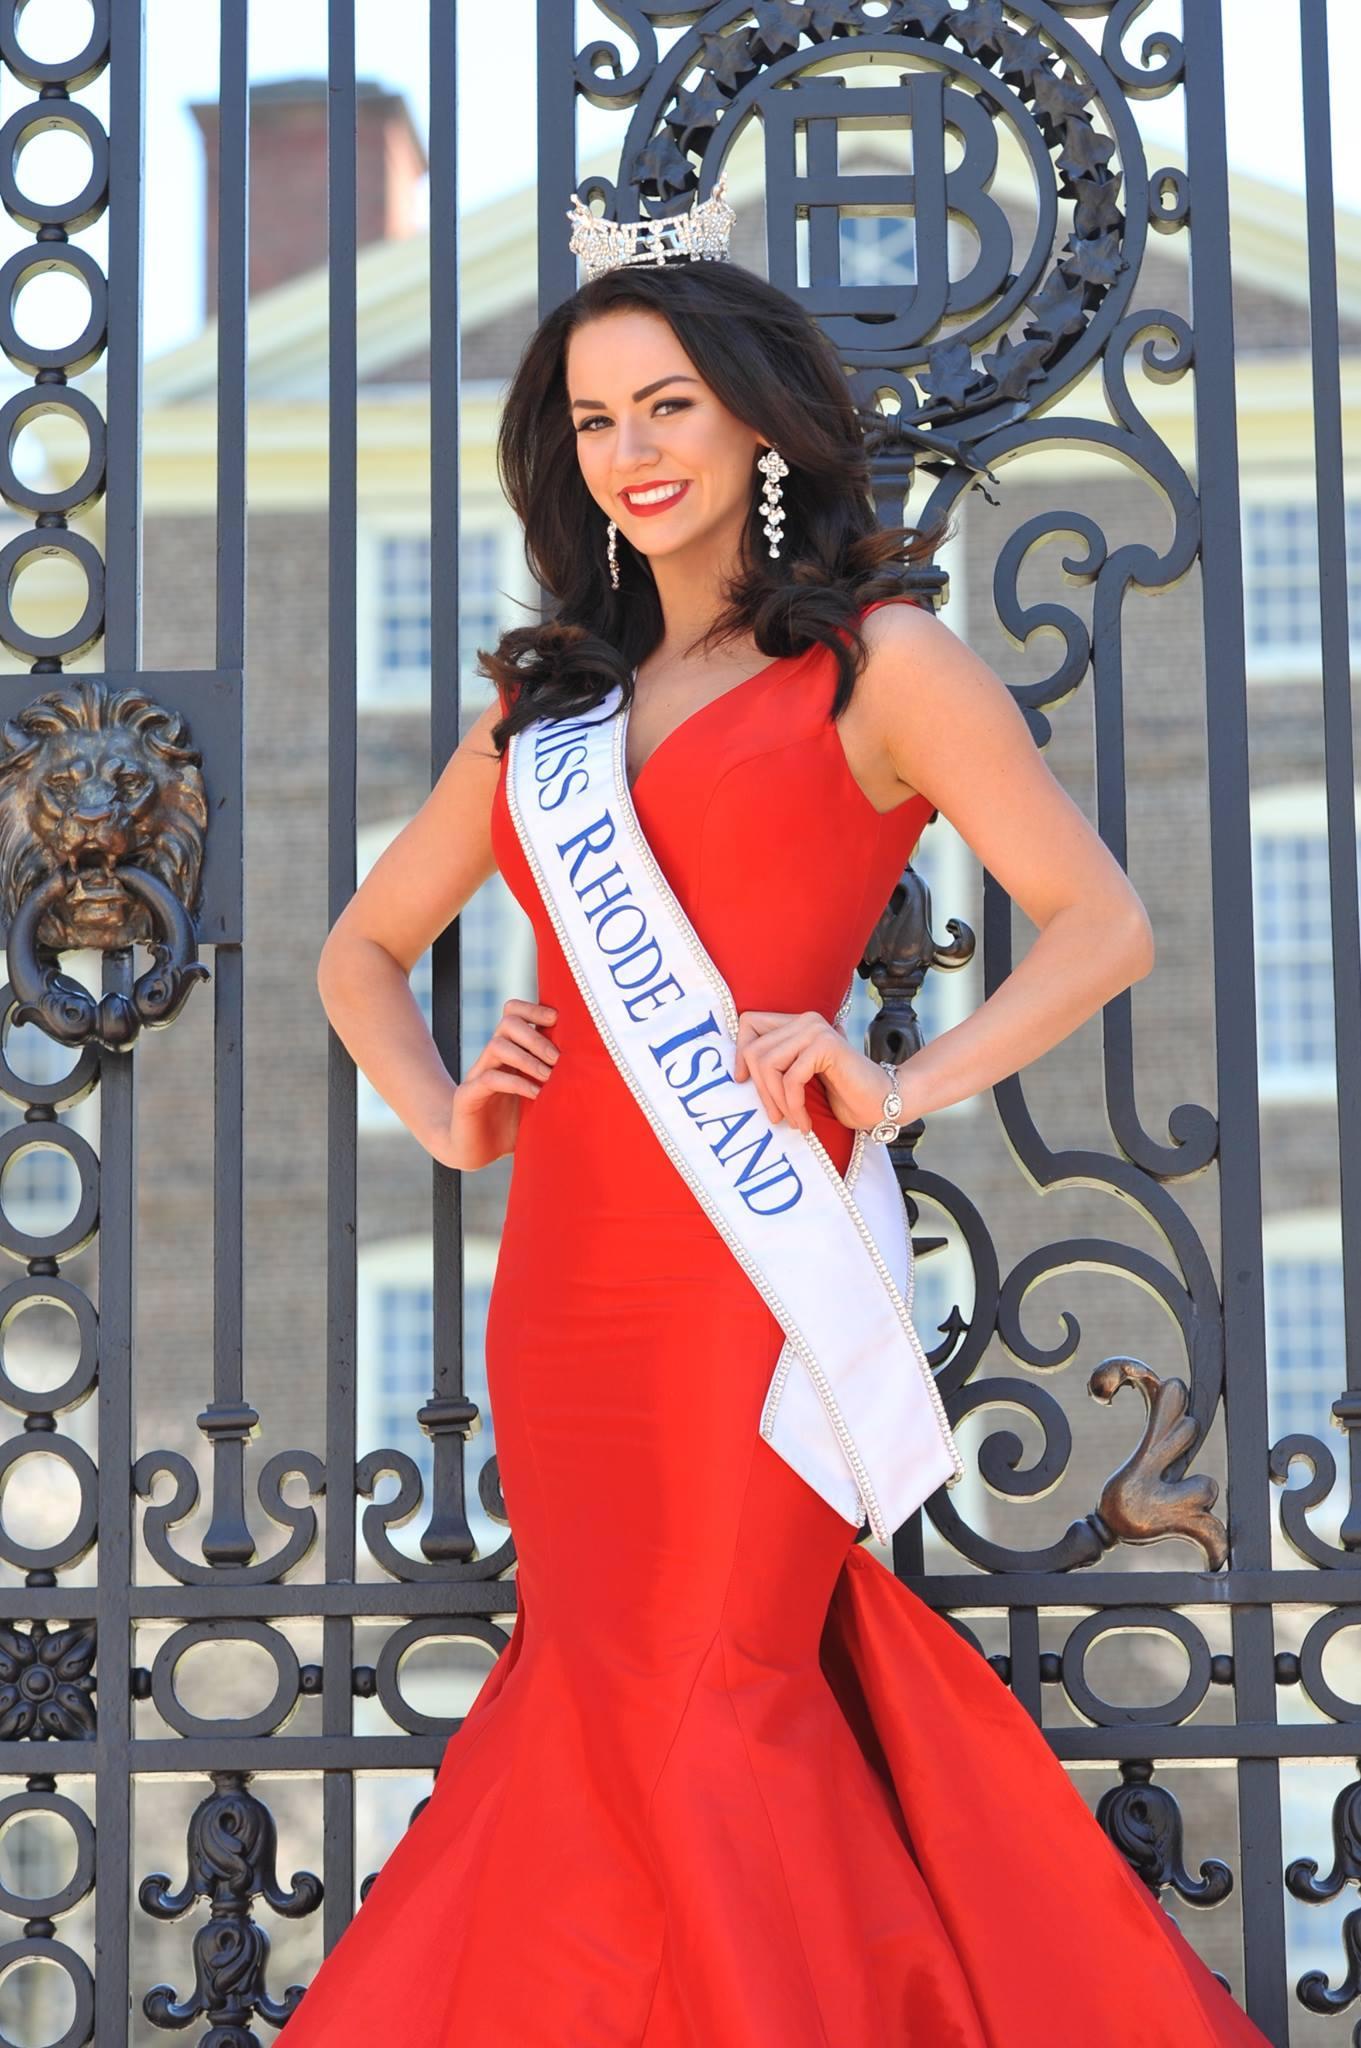 Miss Rhode Island Newport